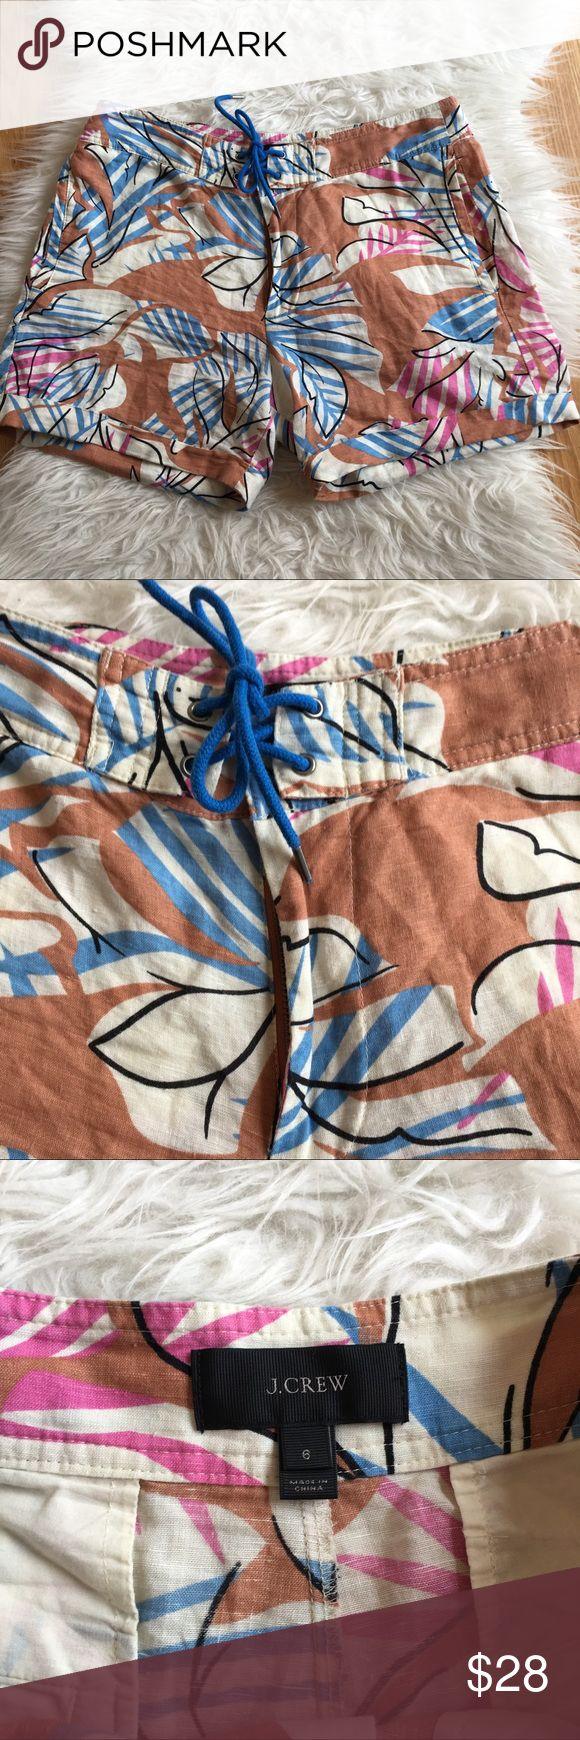 """J. Crew linen desert oasis shorts cuffed size 6 J. Crew Women's Desert Oasis Linen Board Shorts Tropical floral print zipper, hook and tie closure Cuffed hem  61% linen 39% cotton Size 6 16.5"""" flat across waist 4.5"""" Inseam J. Crew Shorts"""